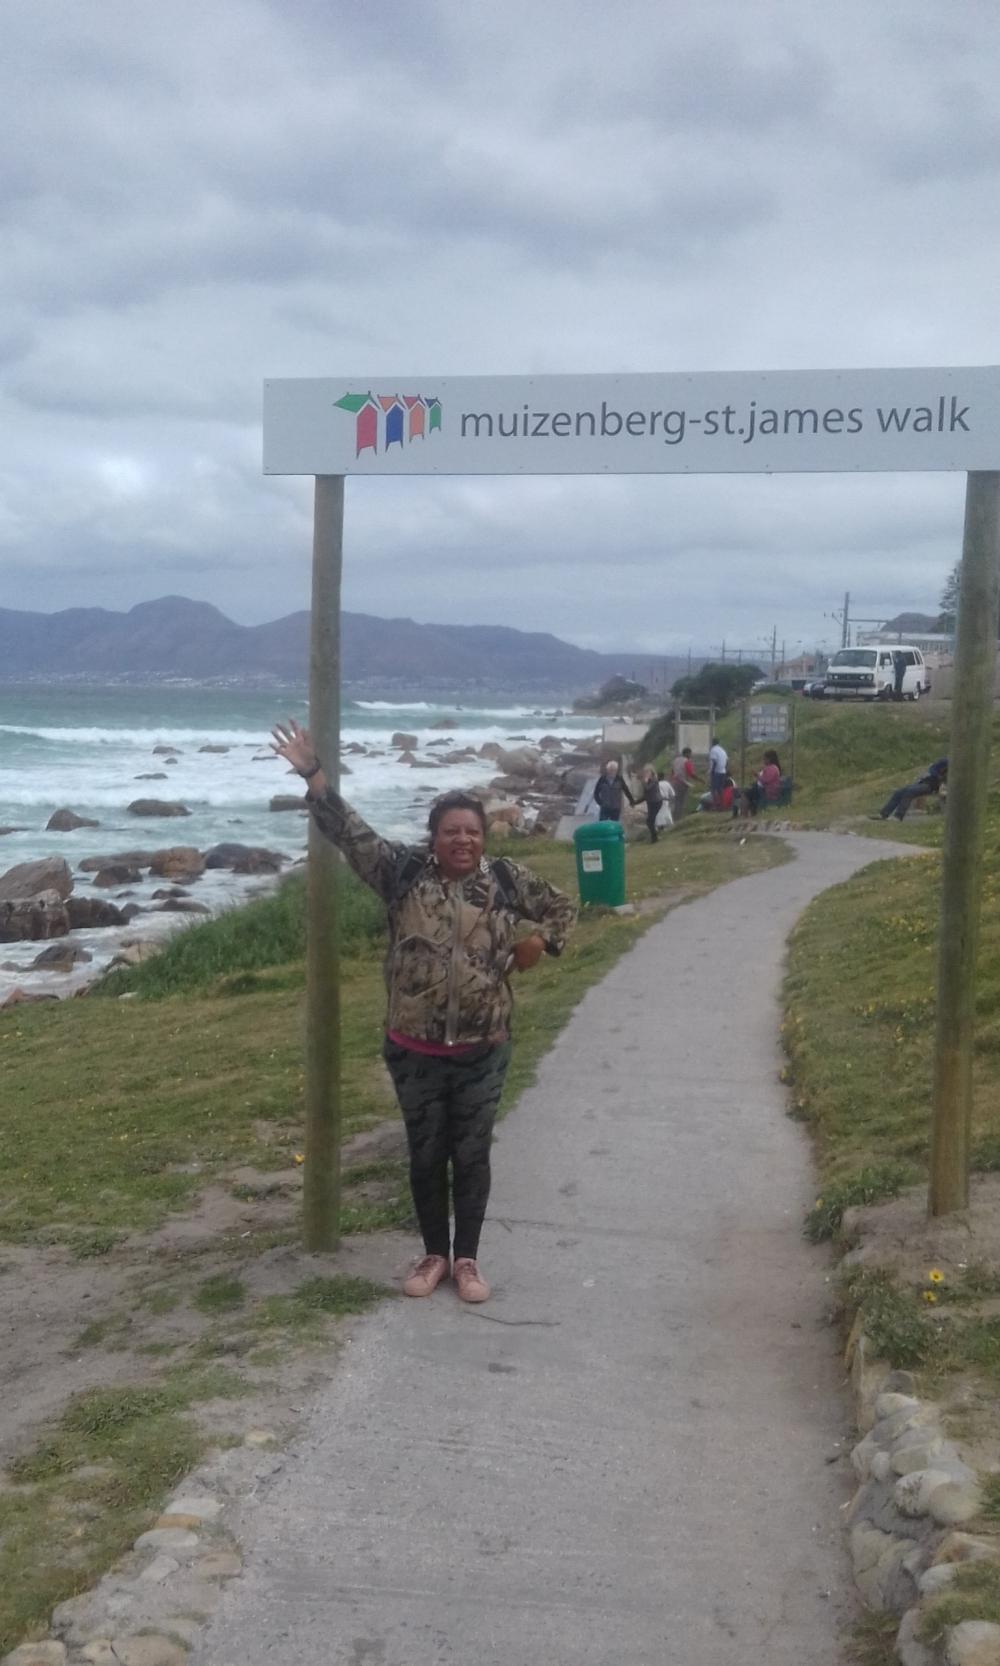 Muizenberg st. james walk